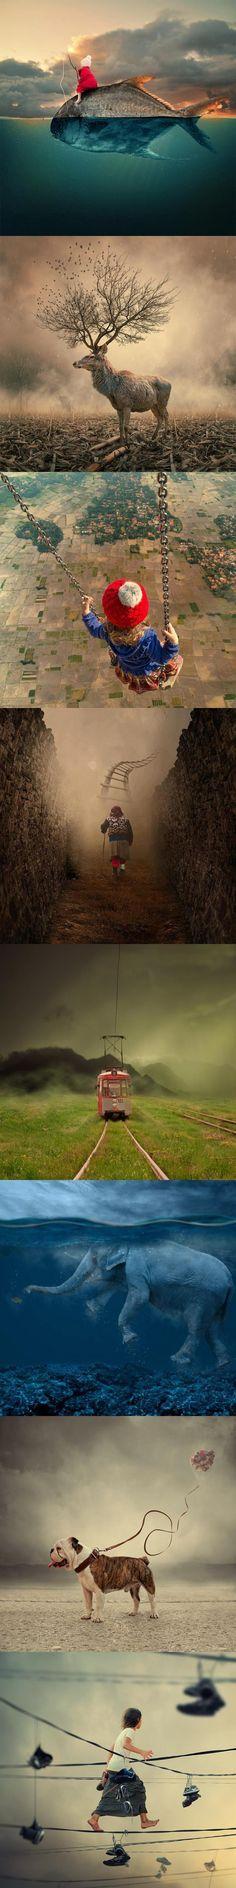 This collection is thought provoking.  ~  Fotografías surrealistas que no existen. Imágenes por Ionut Caras.